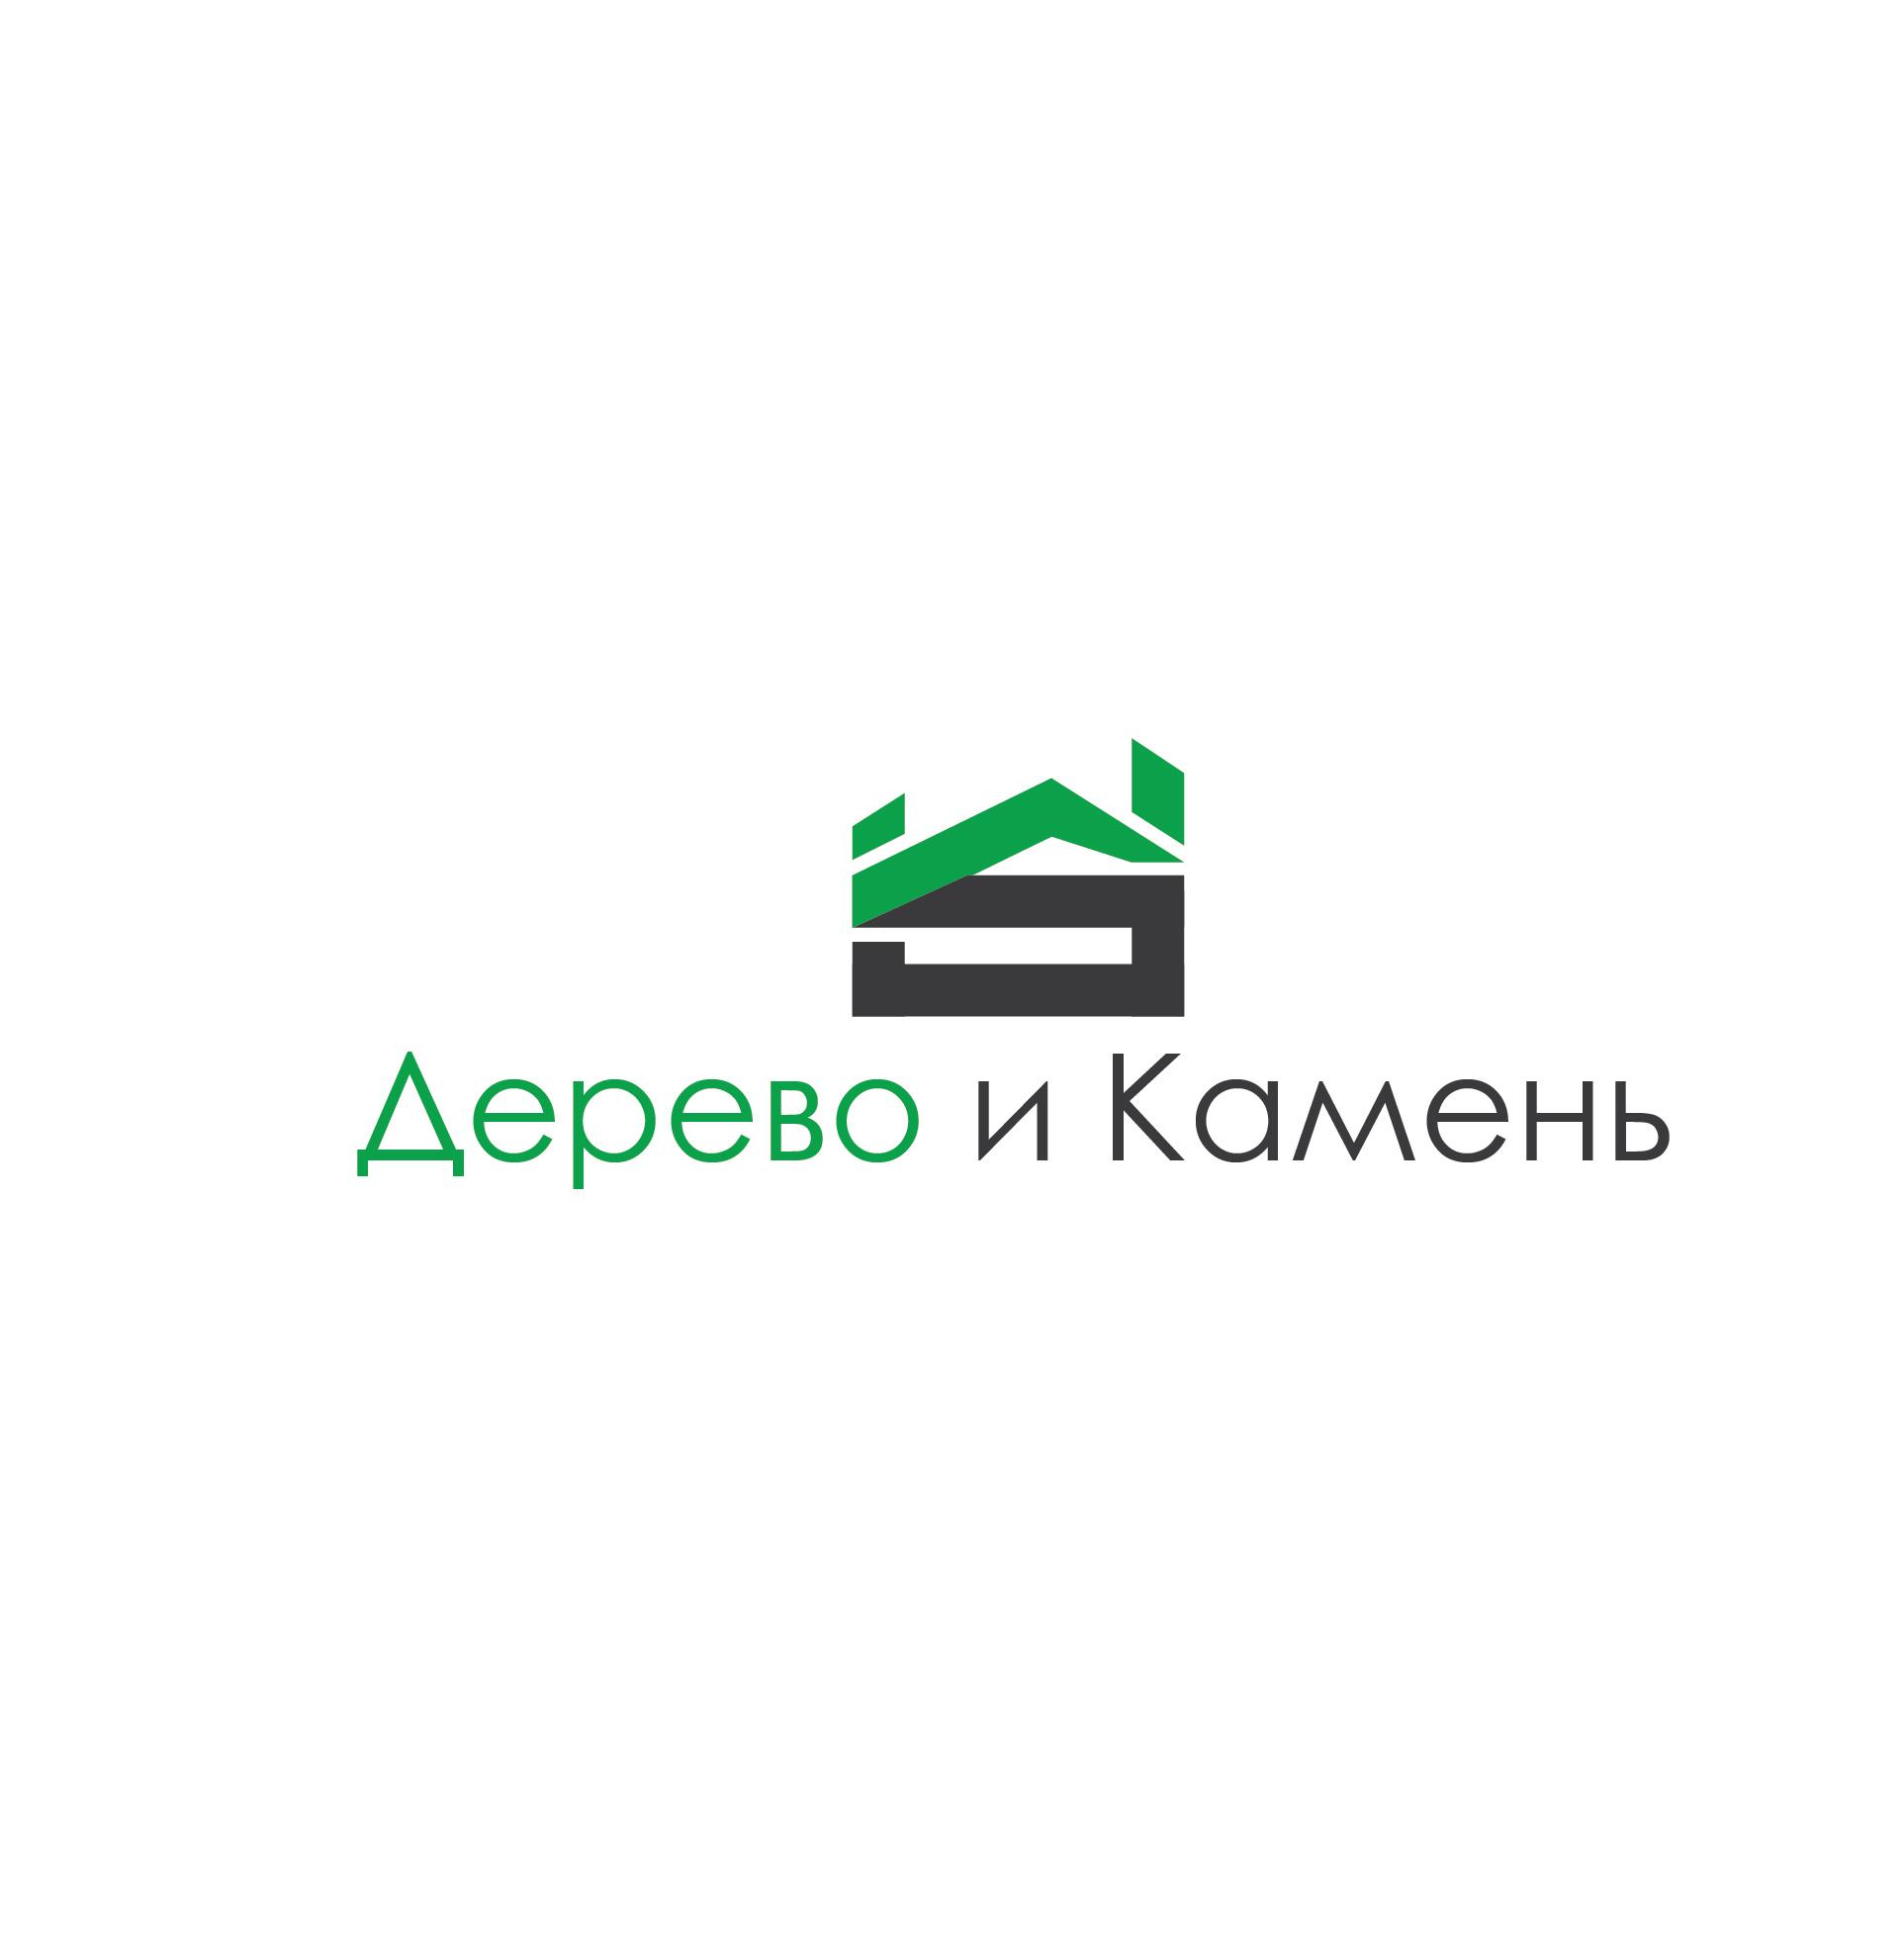 Логотип и Фирменный стиль фото f_084549d38e2ed2b7.jpg